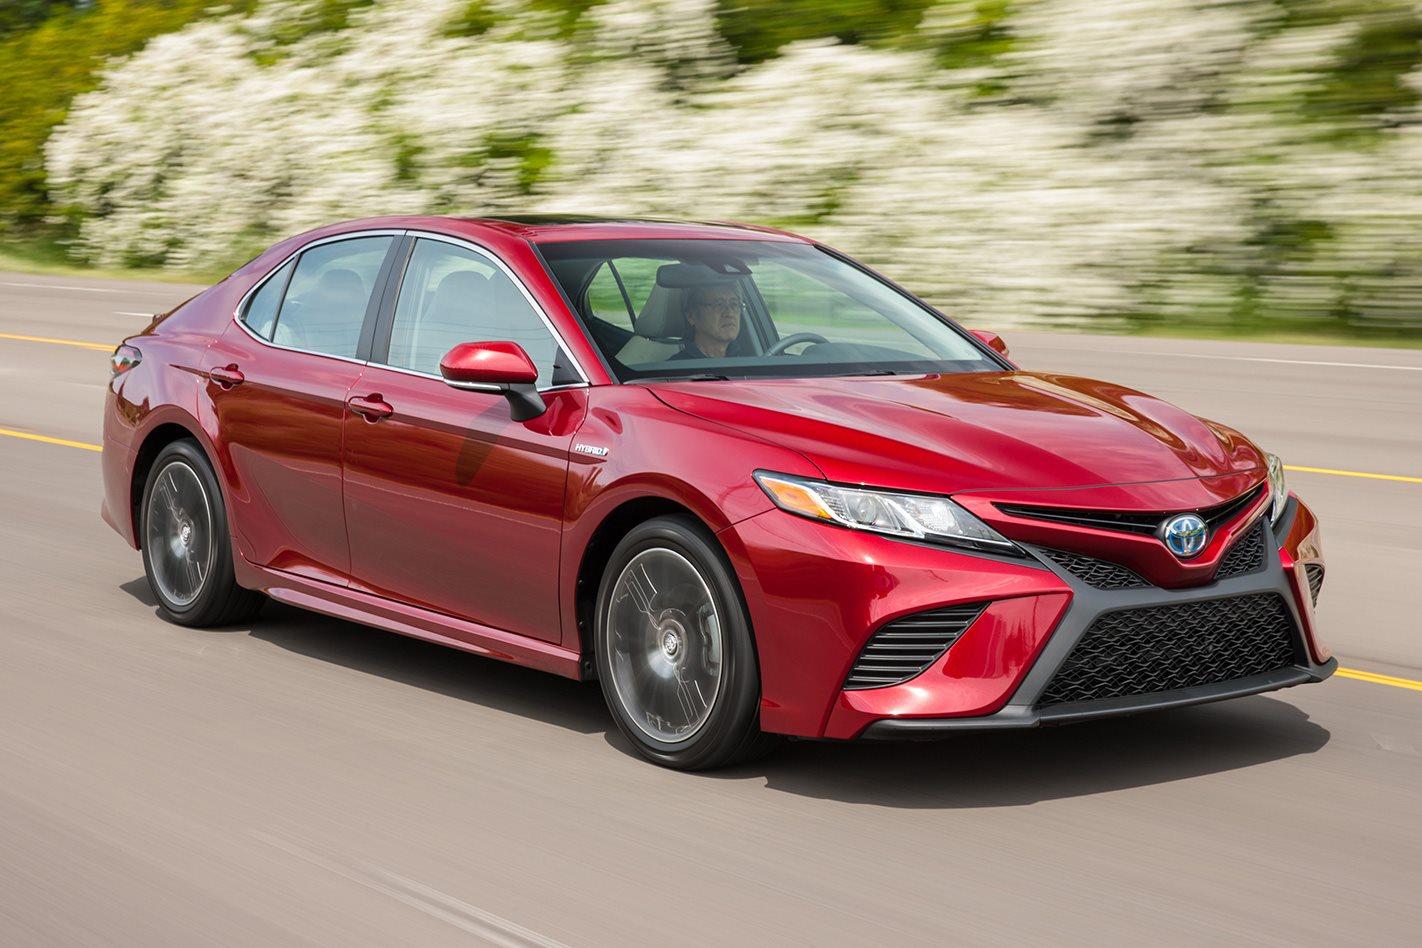 Kelebihan Kekurangan Toyota Turbo Harga